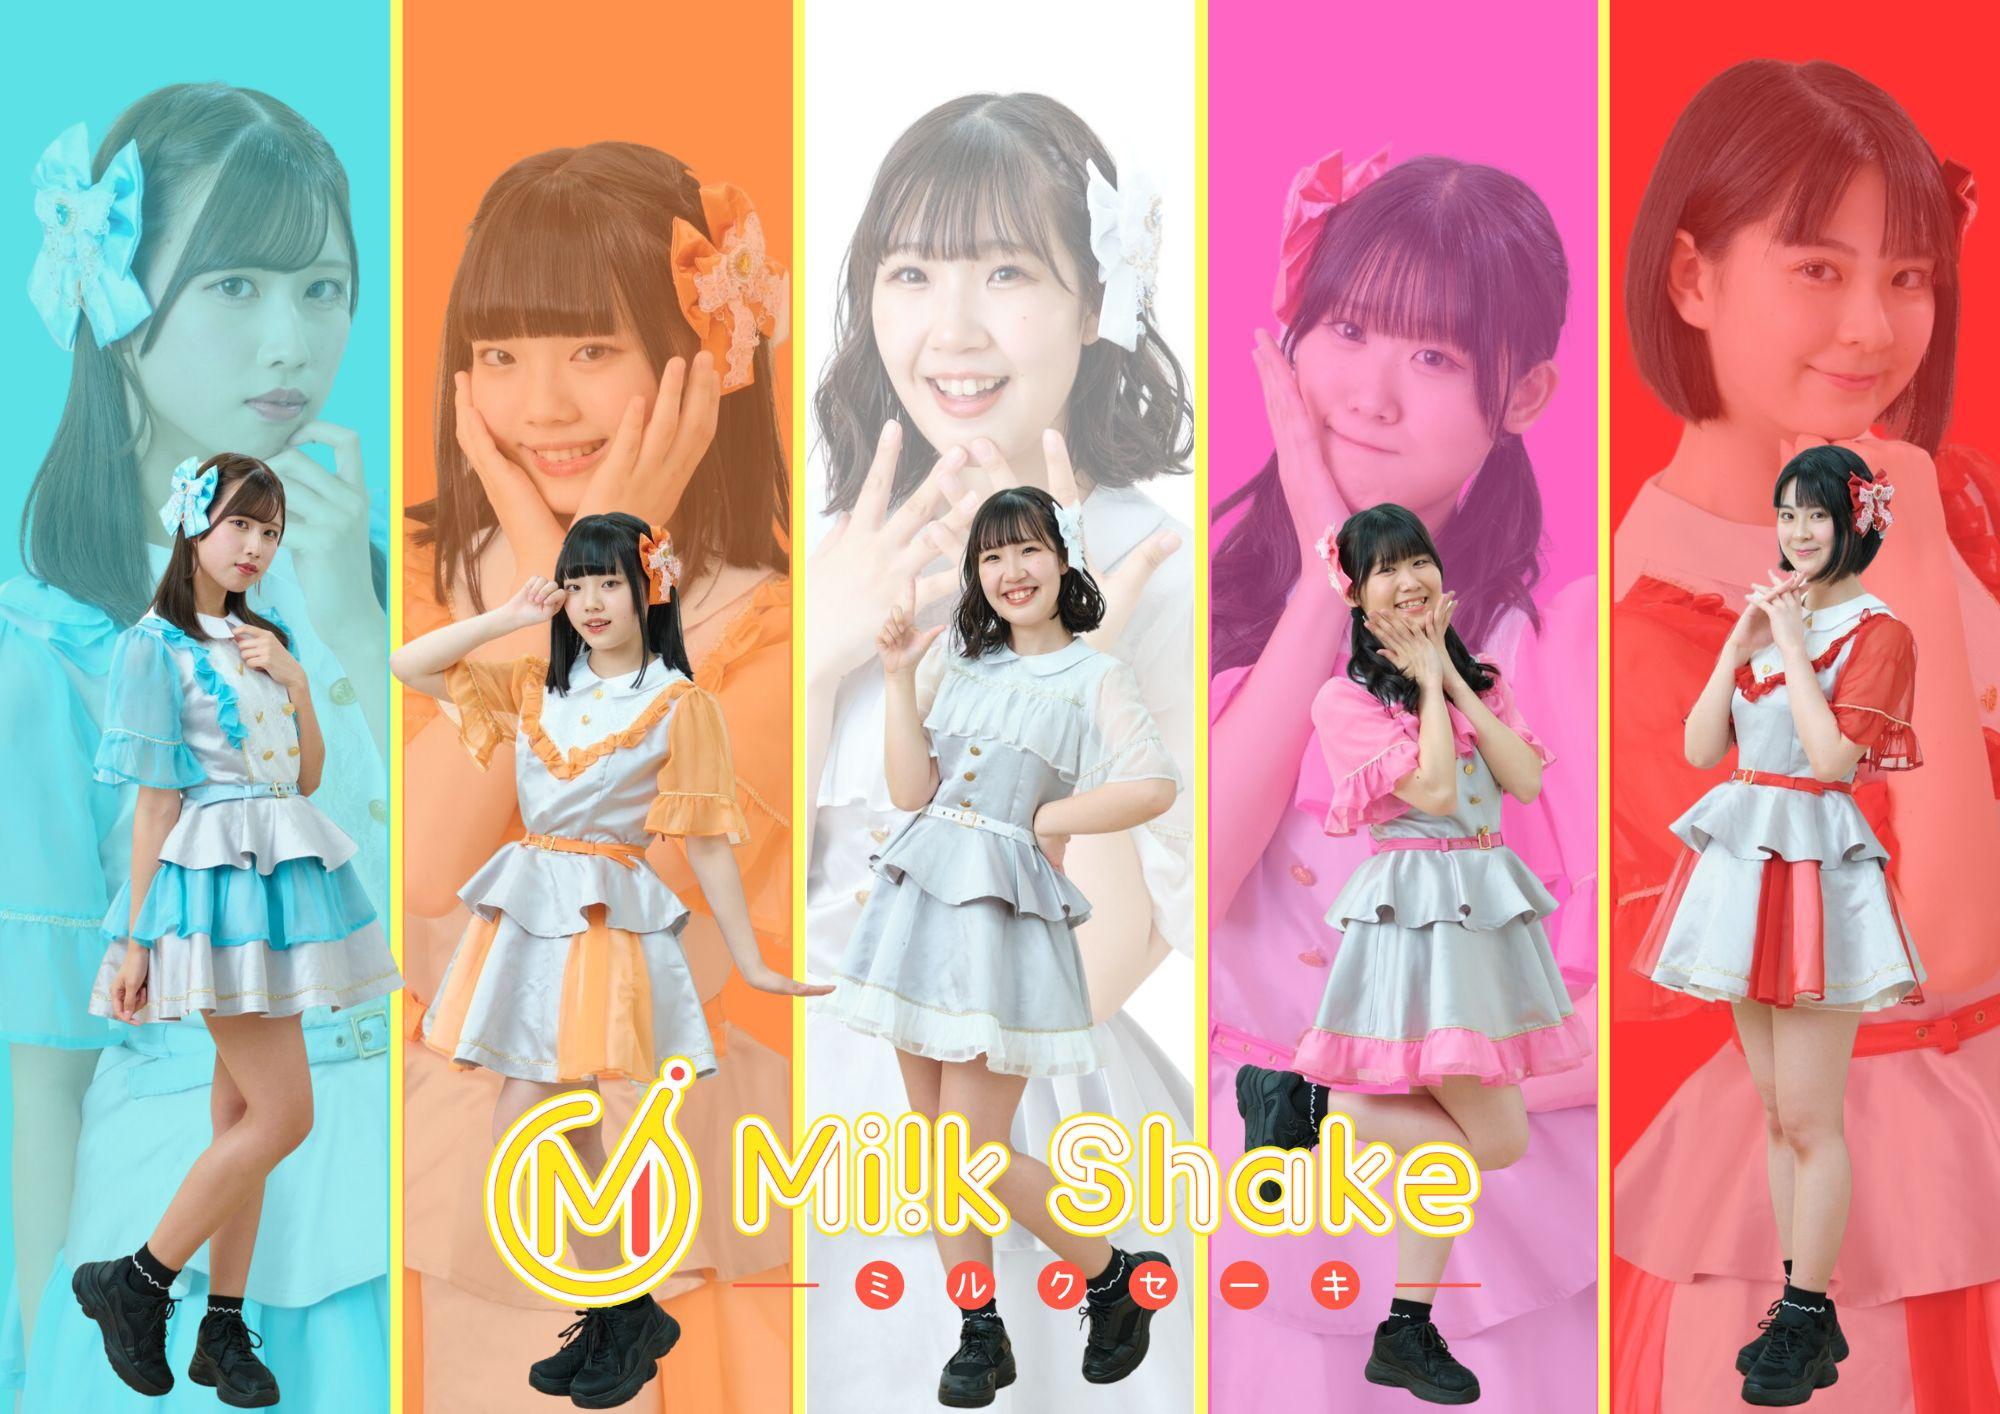 長崎のアイドルユニット MilkShake(ミルクセーキ)